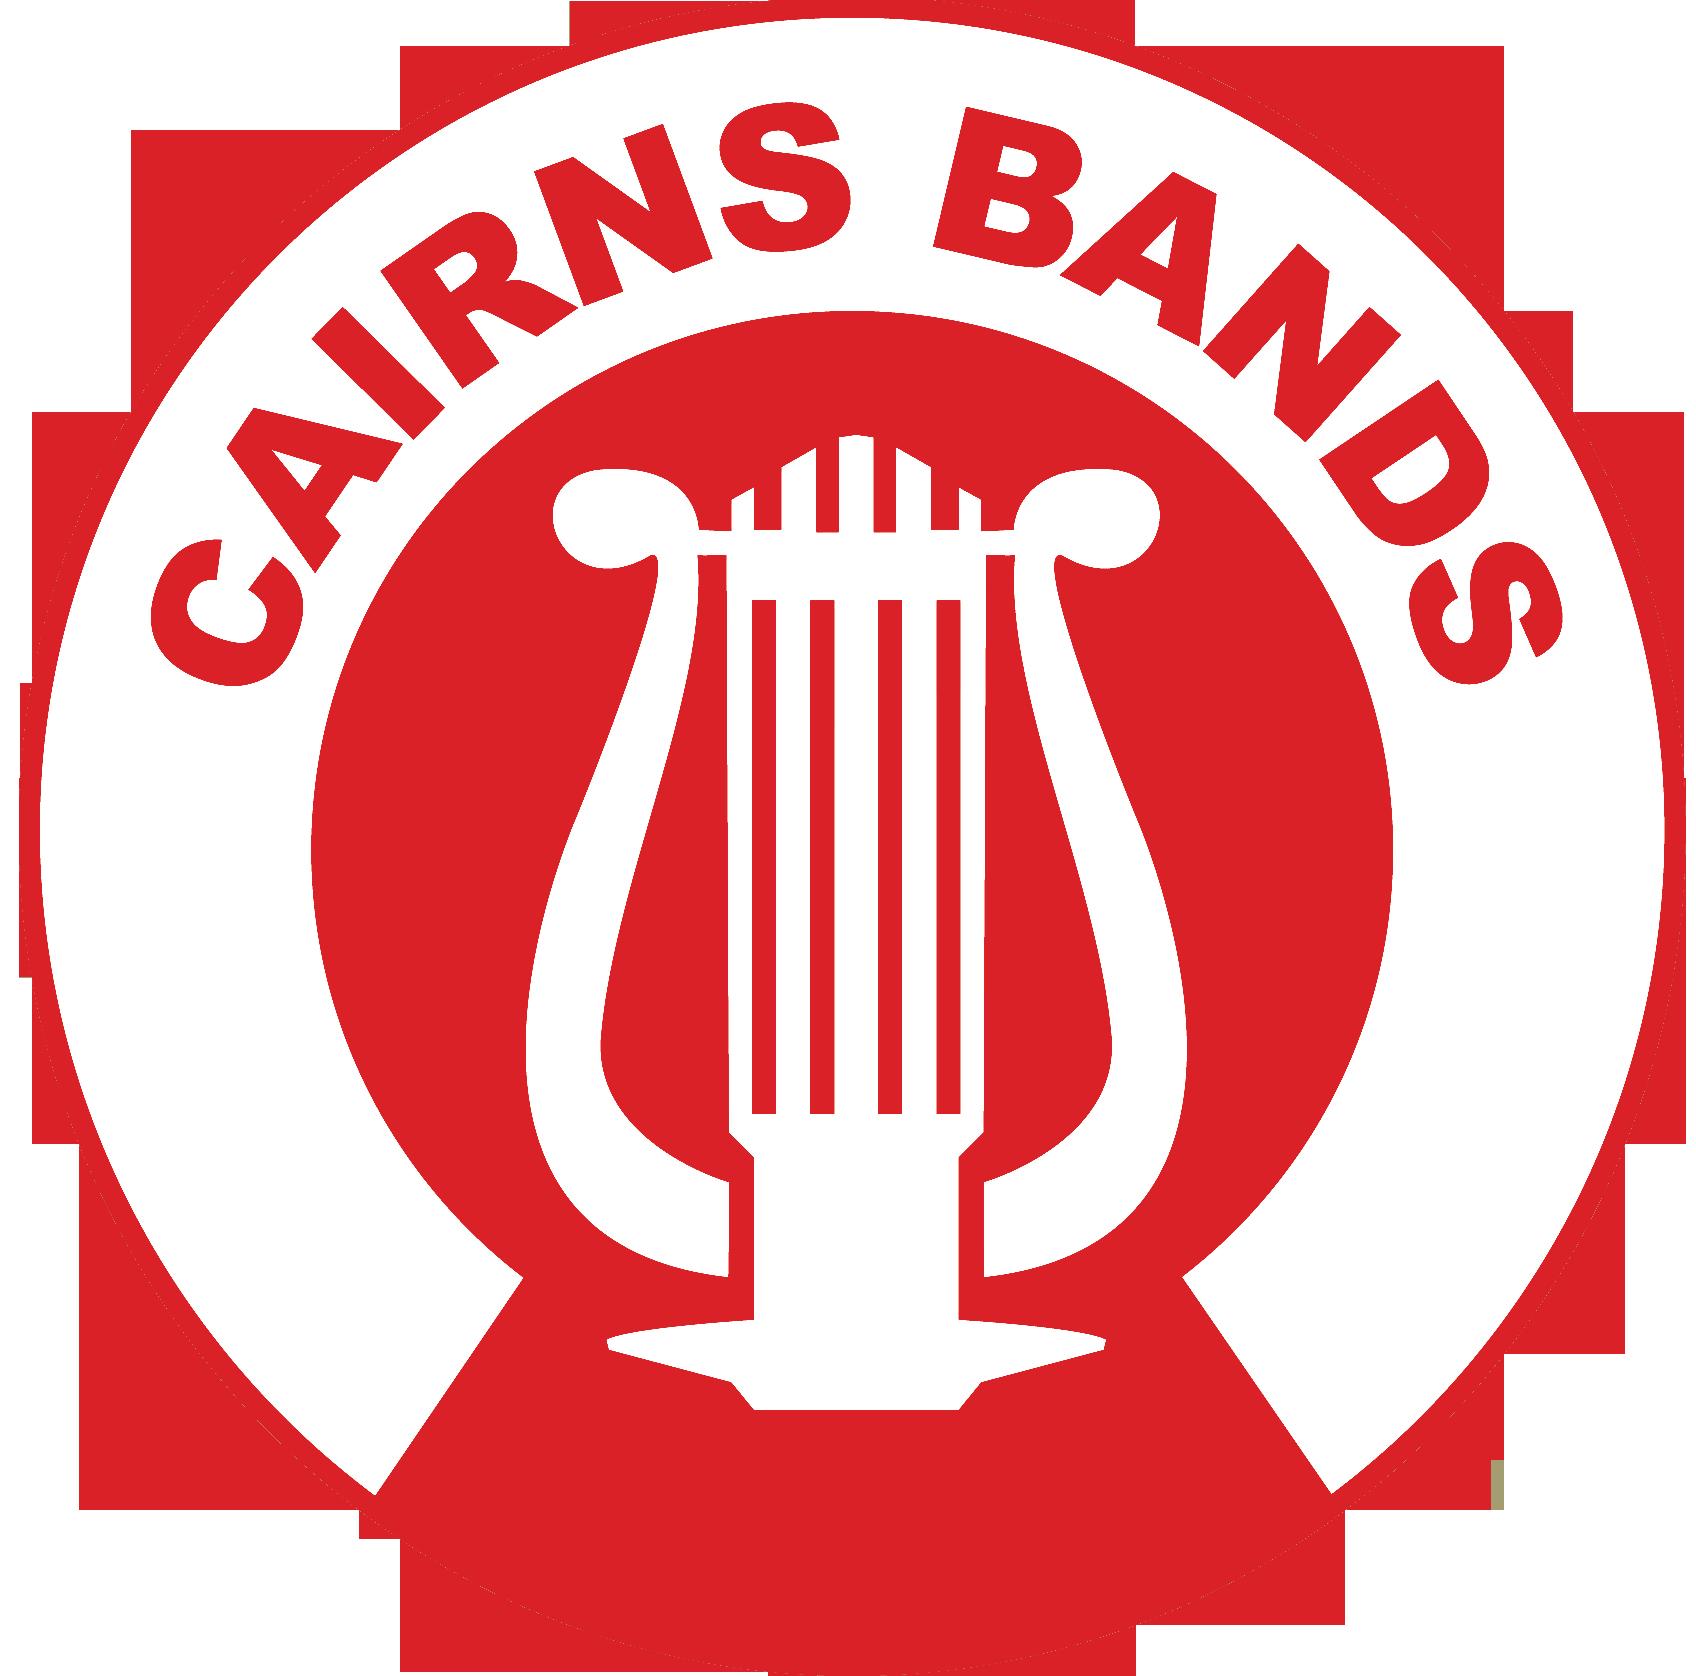 Cairns Bands